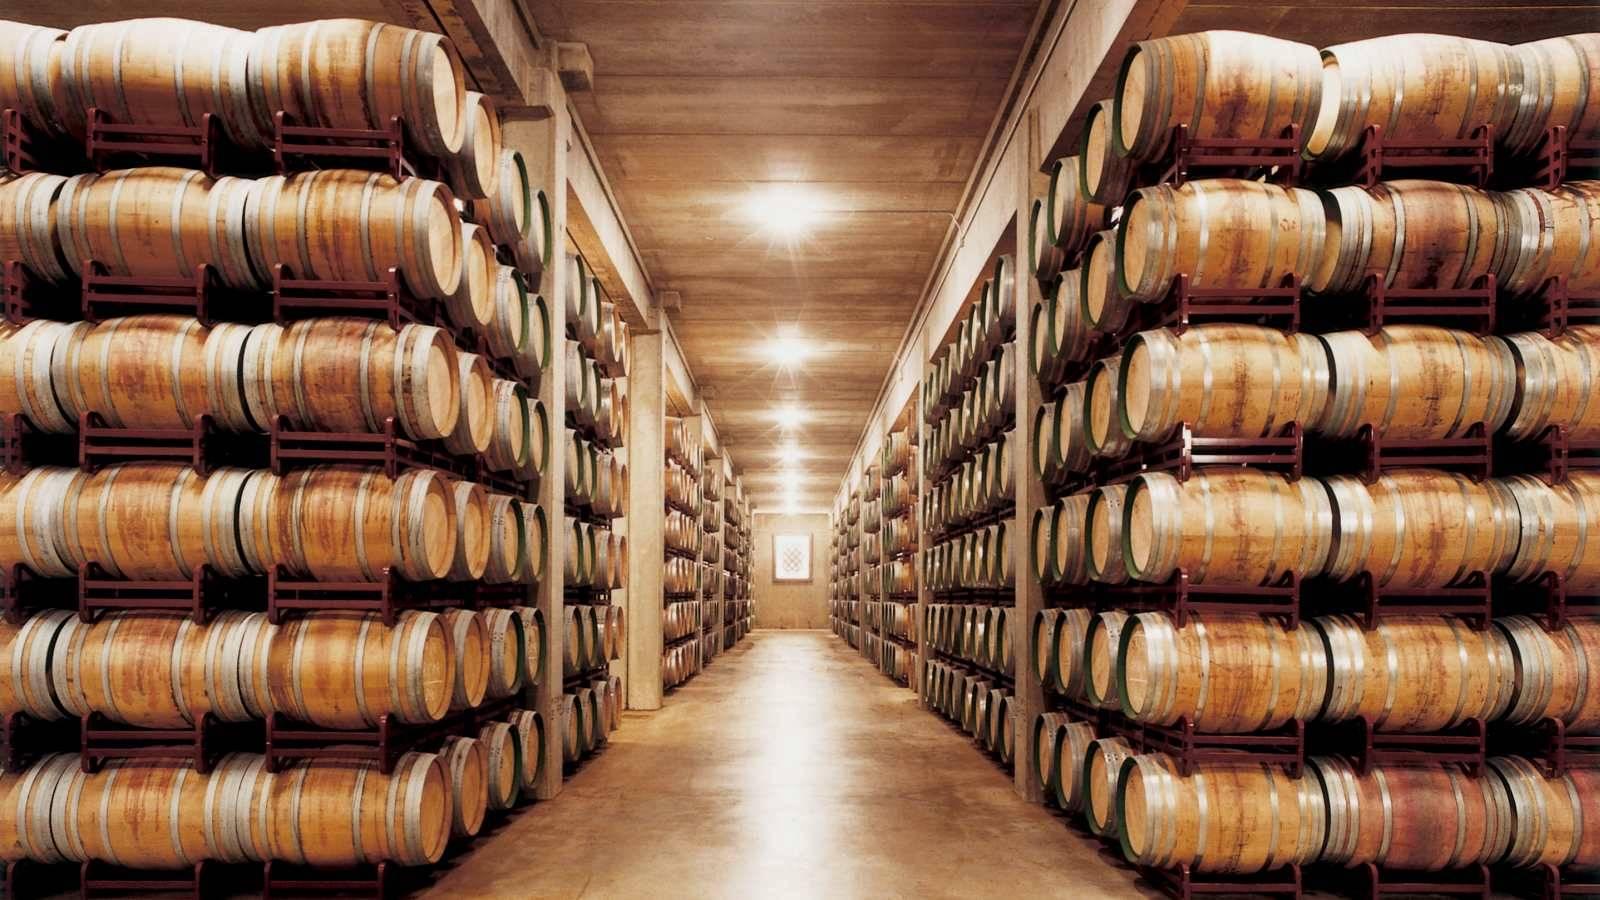 Hotel Marques de Riscal Wine Cellar